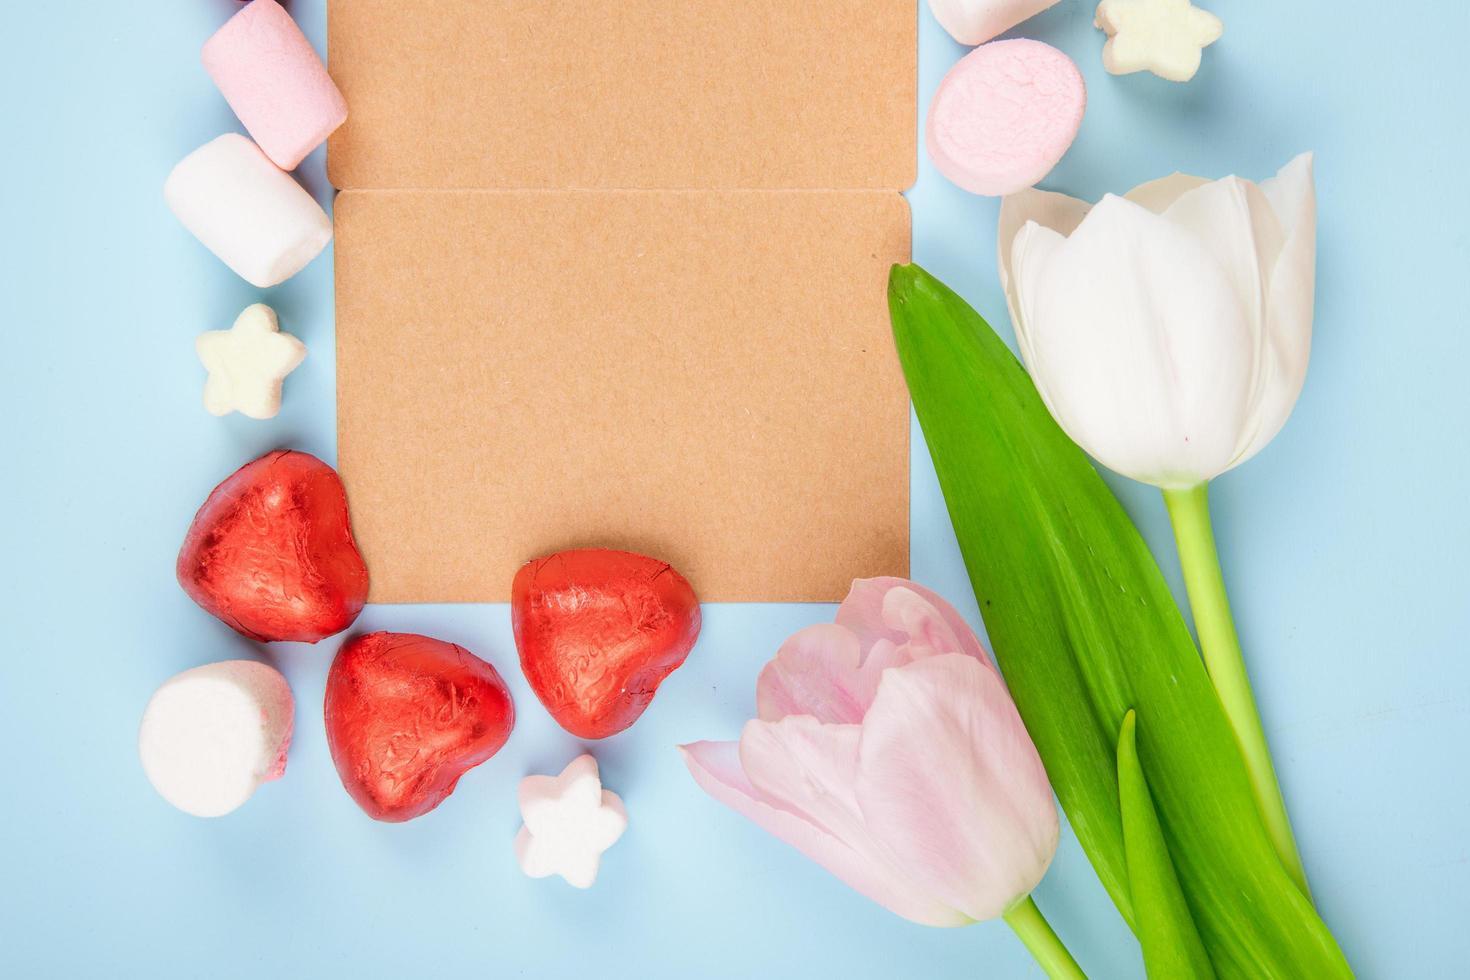 papel kraft rodeado de decoración del día de san valentín foto